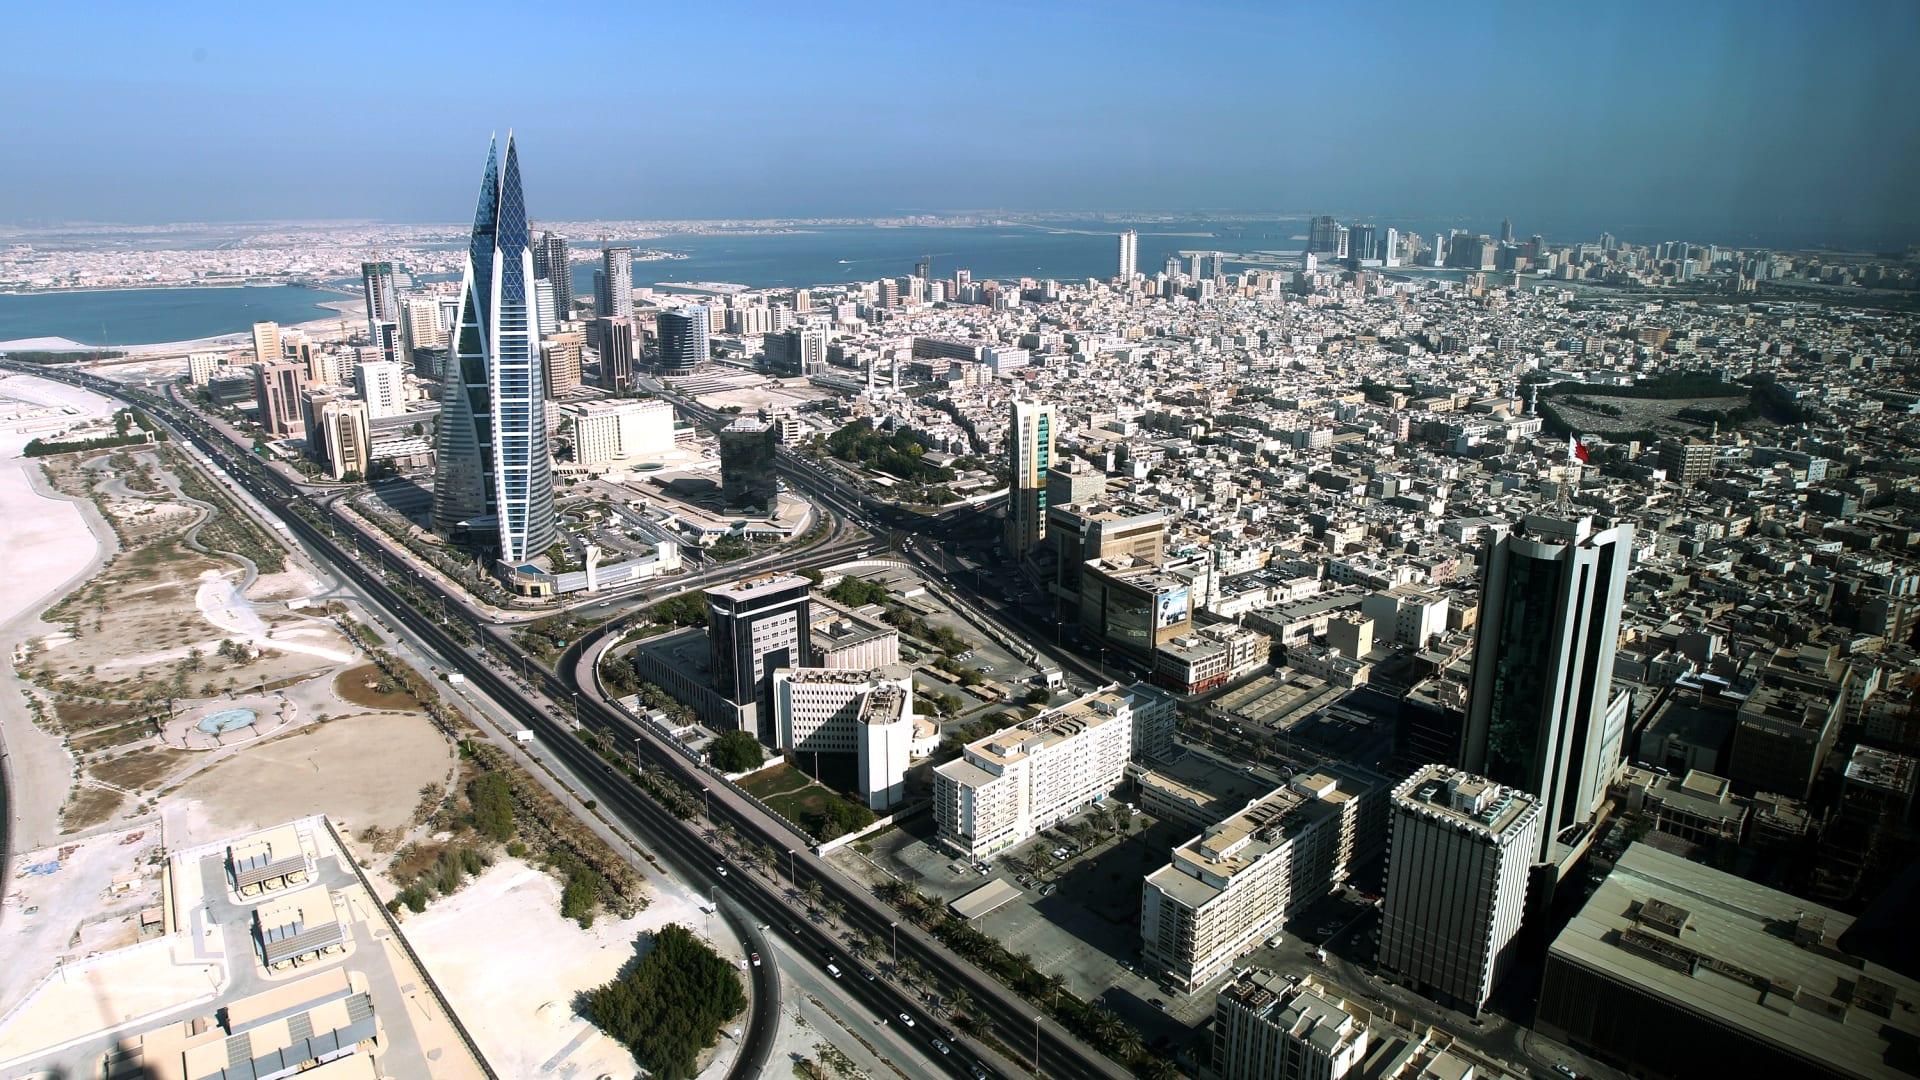 """البحرين ترد على """"حملات التشويه عبر منبر الجزيرة"""": الأجدى أن تسعى قطر لتطوير قوانينها بدلا من الطعن في نجاحات الآخرين"""